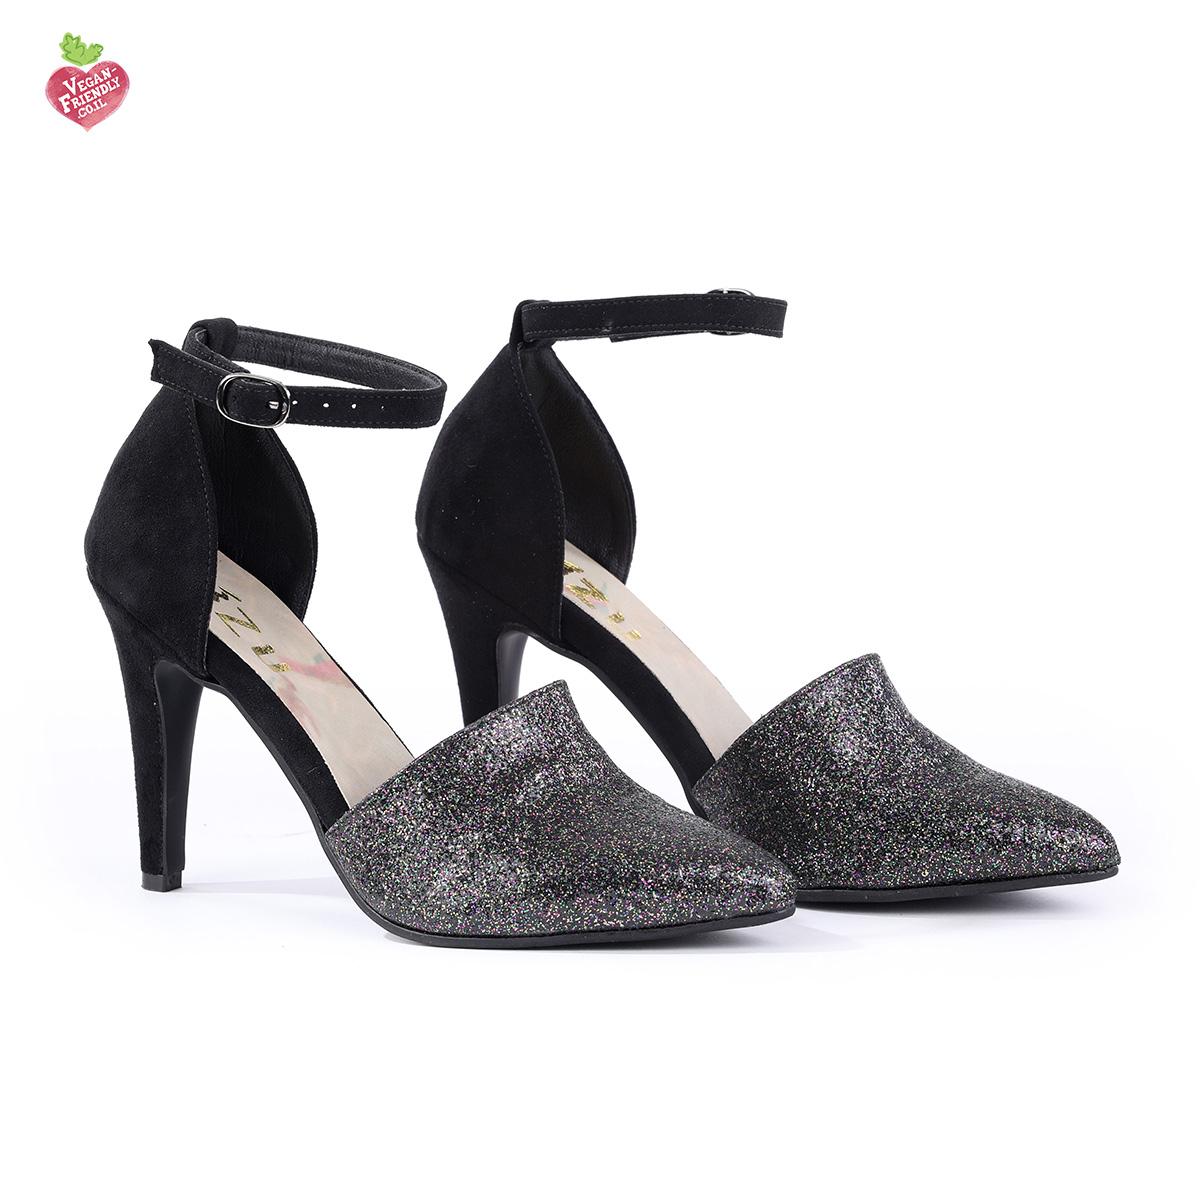 דגם יוסטון: נעלי עקב טבעוניות בצבע שחור נצנץ